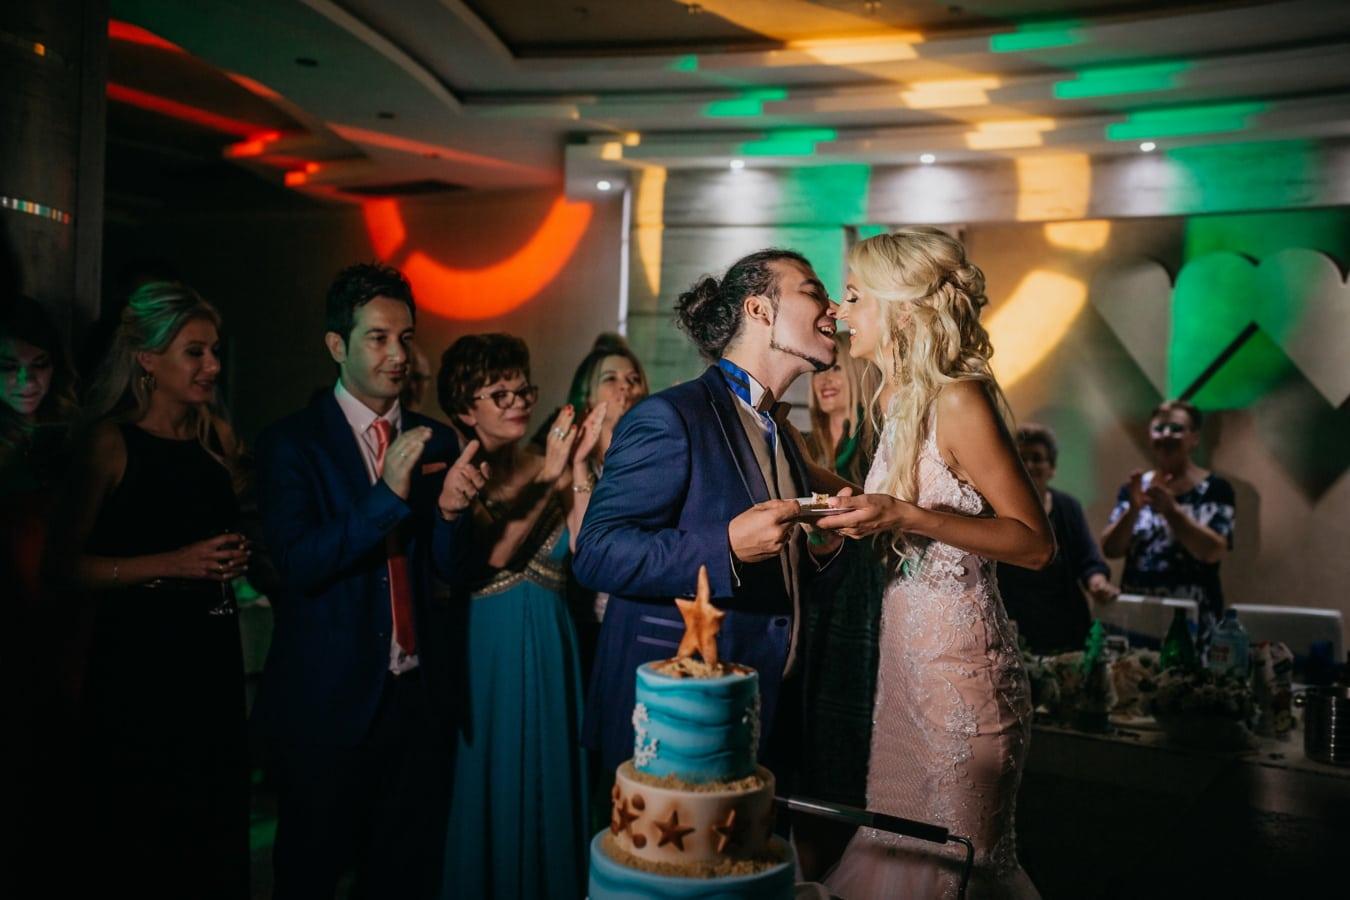 spektakuläre, Hochzeitsort, Hochzeitstorte, Kuss, Partei, Nachtclub, Nachtleben, Beifall, Bräutigam, Braut